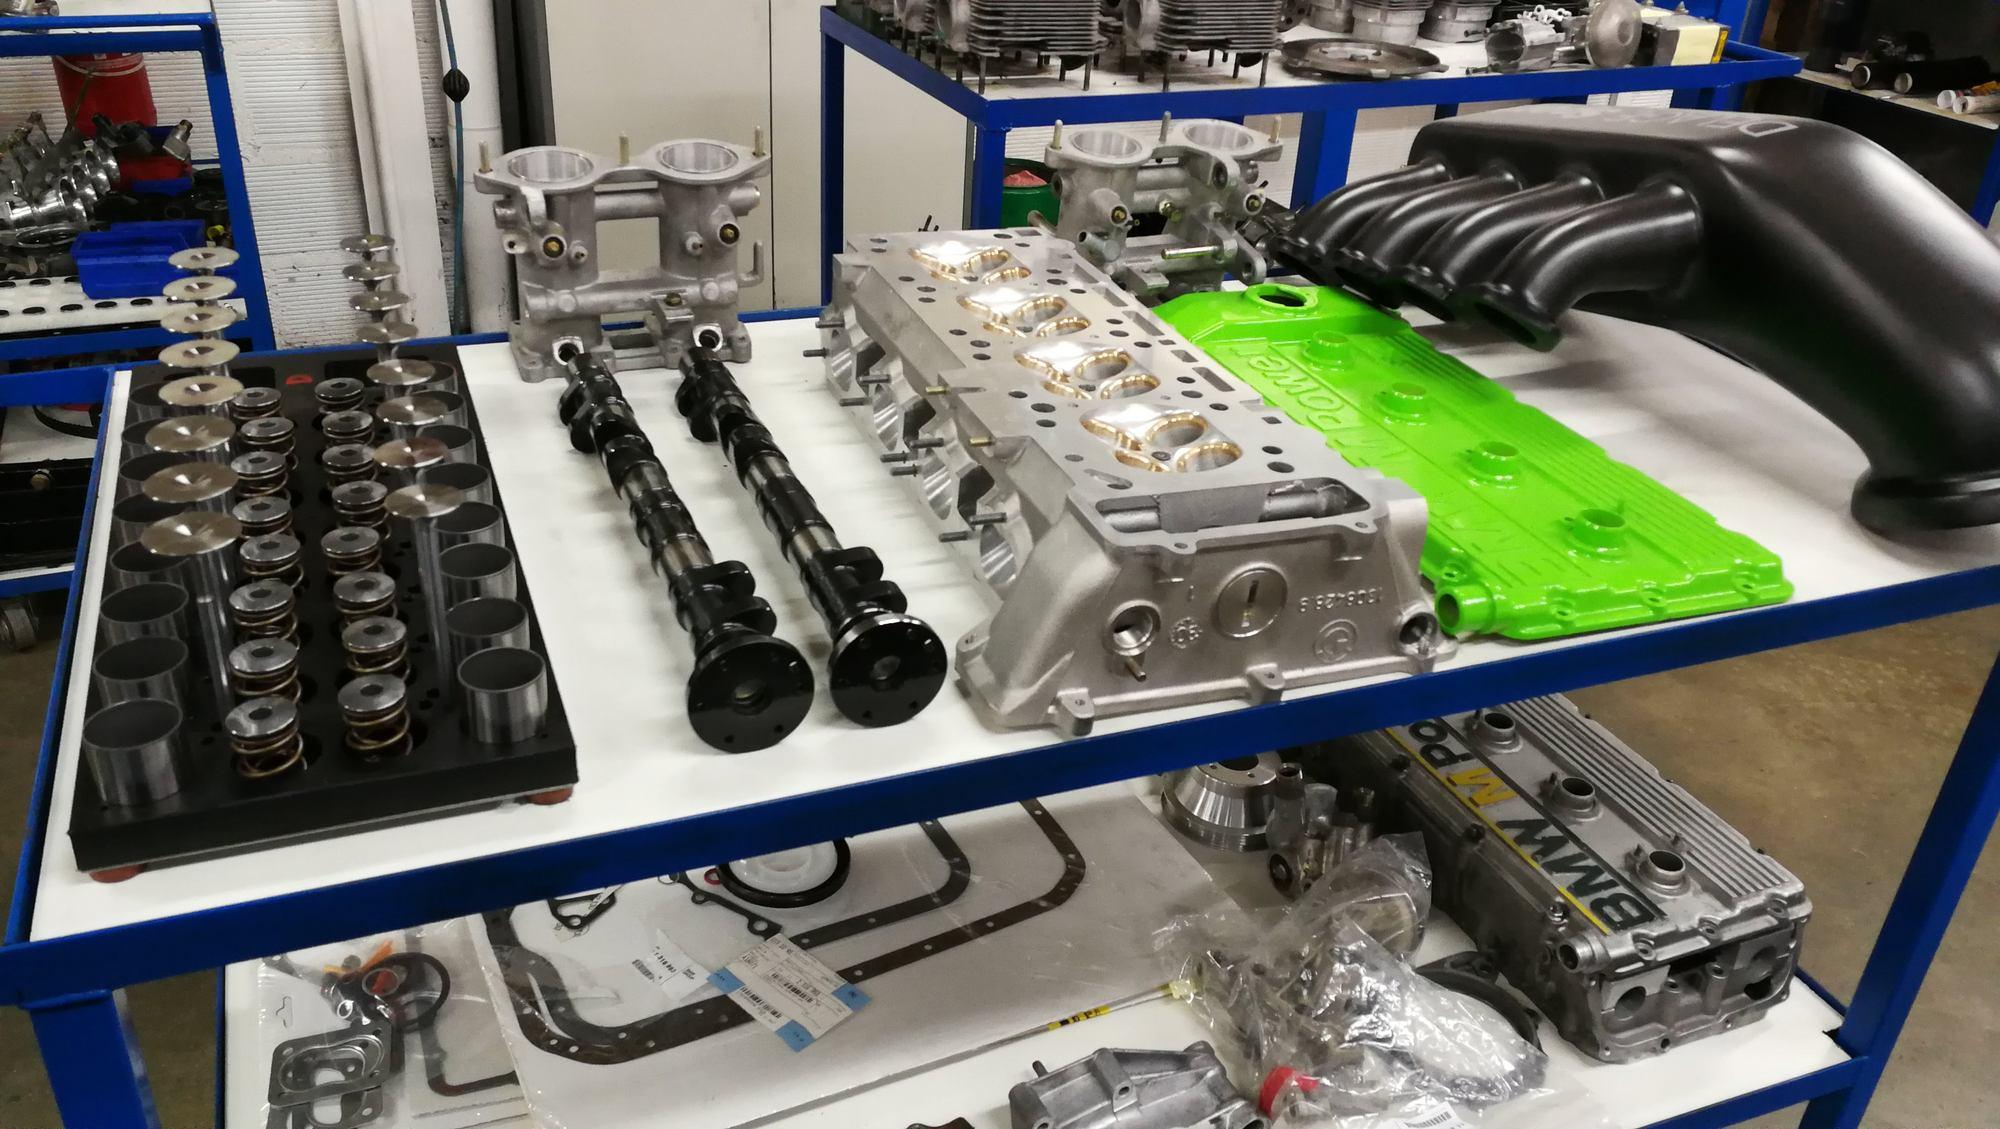 pièces moteur : soupapes, Arbres à cames, ressorts, culasse BMW S14 M3 E30